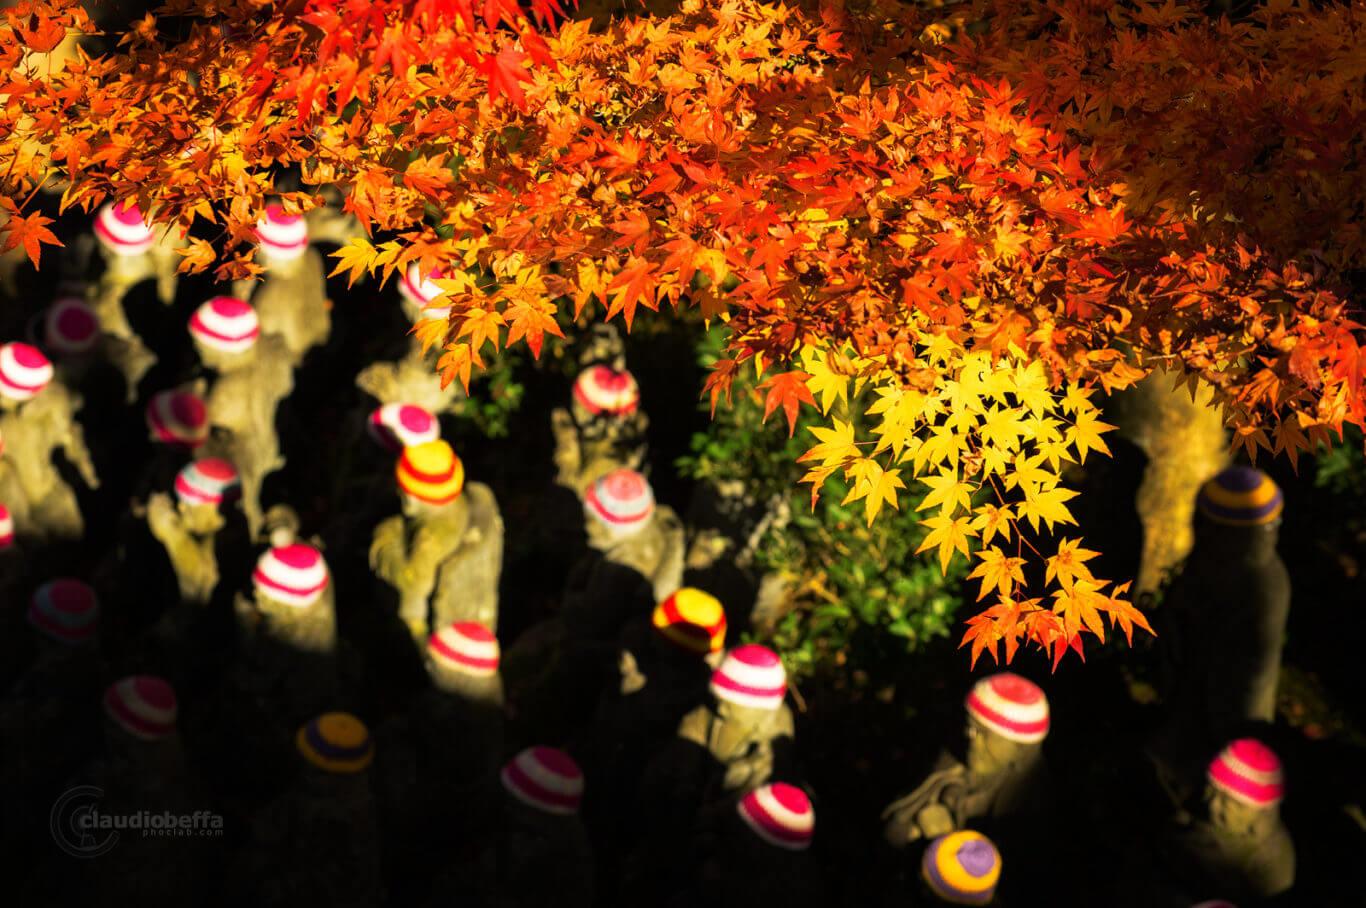 Miyajima, Miyajima autumn, Momijidani, jizos, jizos autumn, Japan, Hiroshima, autumn, fall, momiji, forest, travel, photography, phoclab